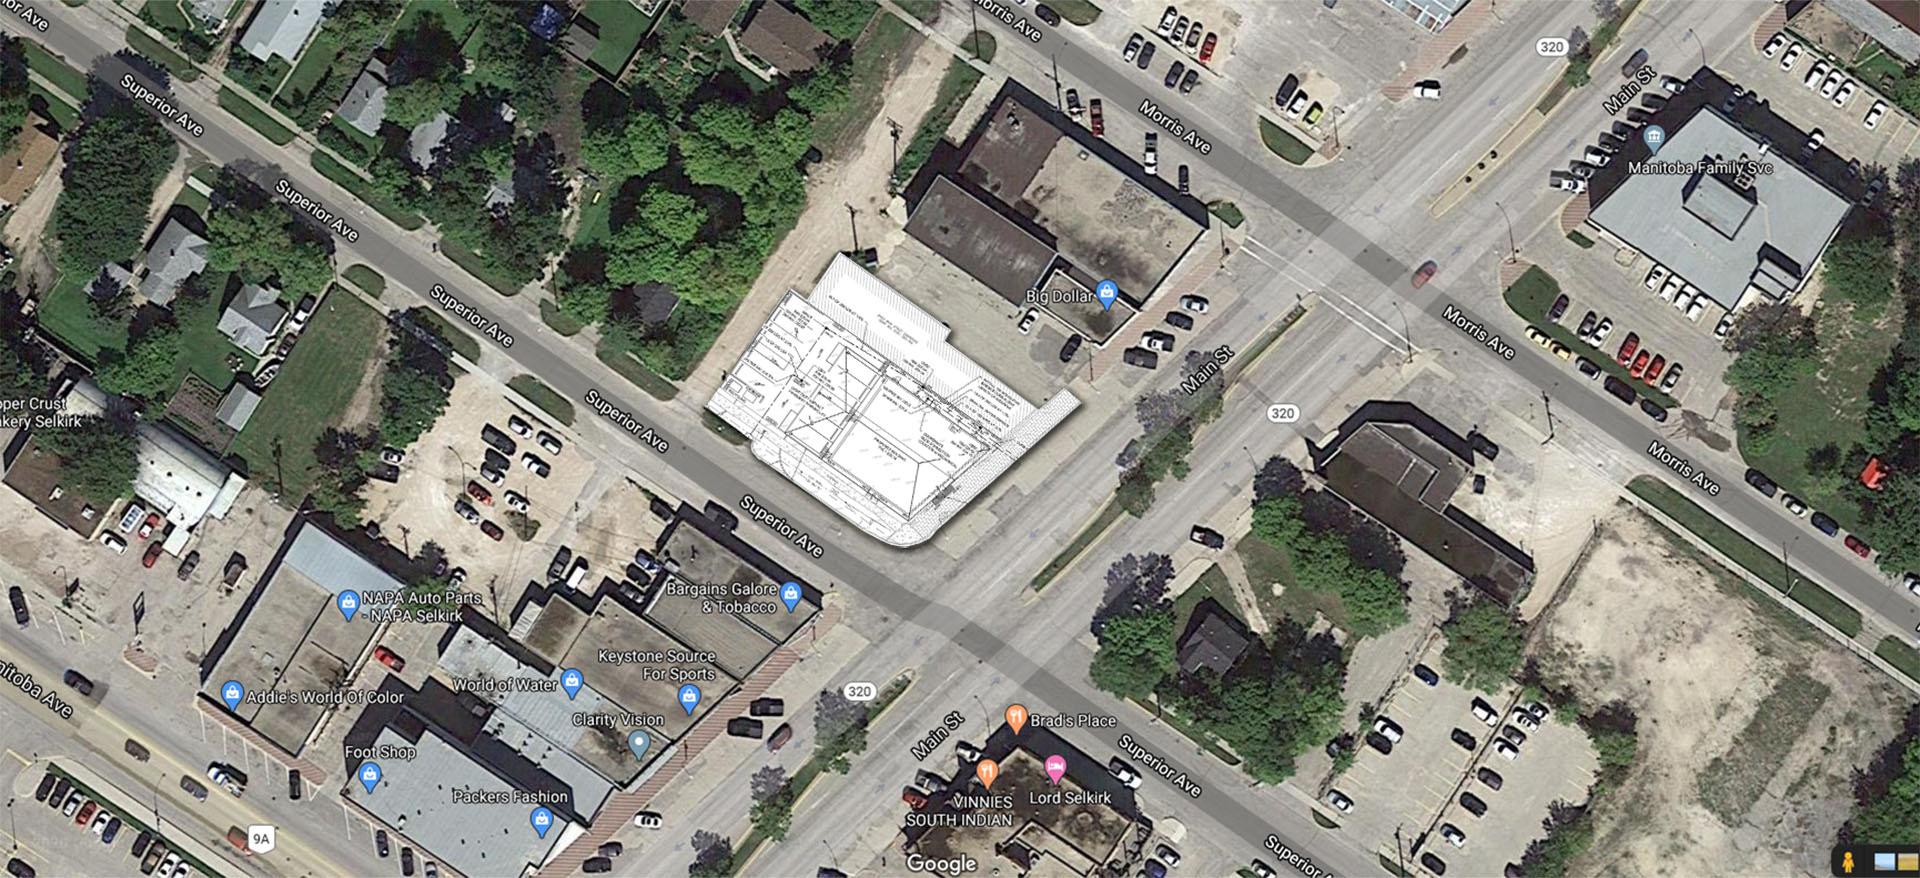 425-selkirk_googleMap_schematic.jpg